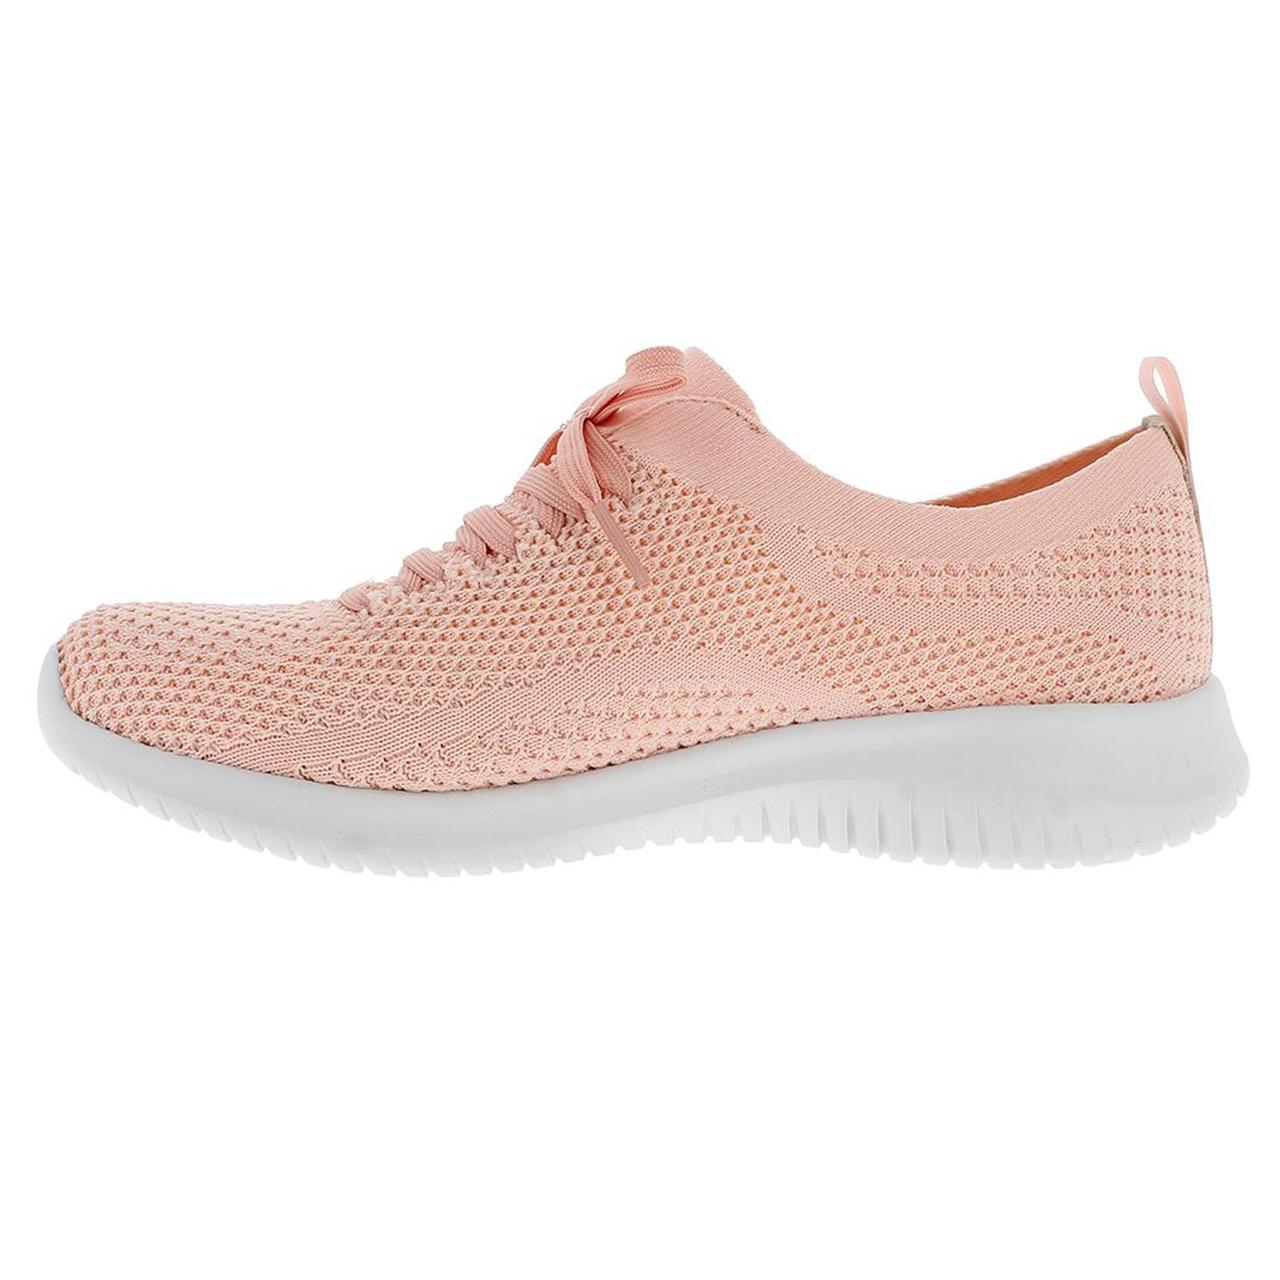 خرید کفش مخصوص پیاده روی زنانه اسکچرز مدل MIRACLE 12841LTPK